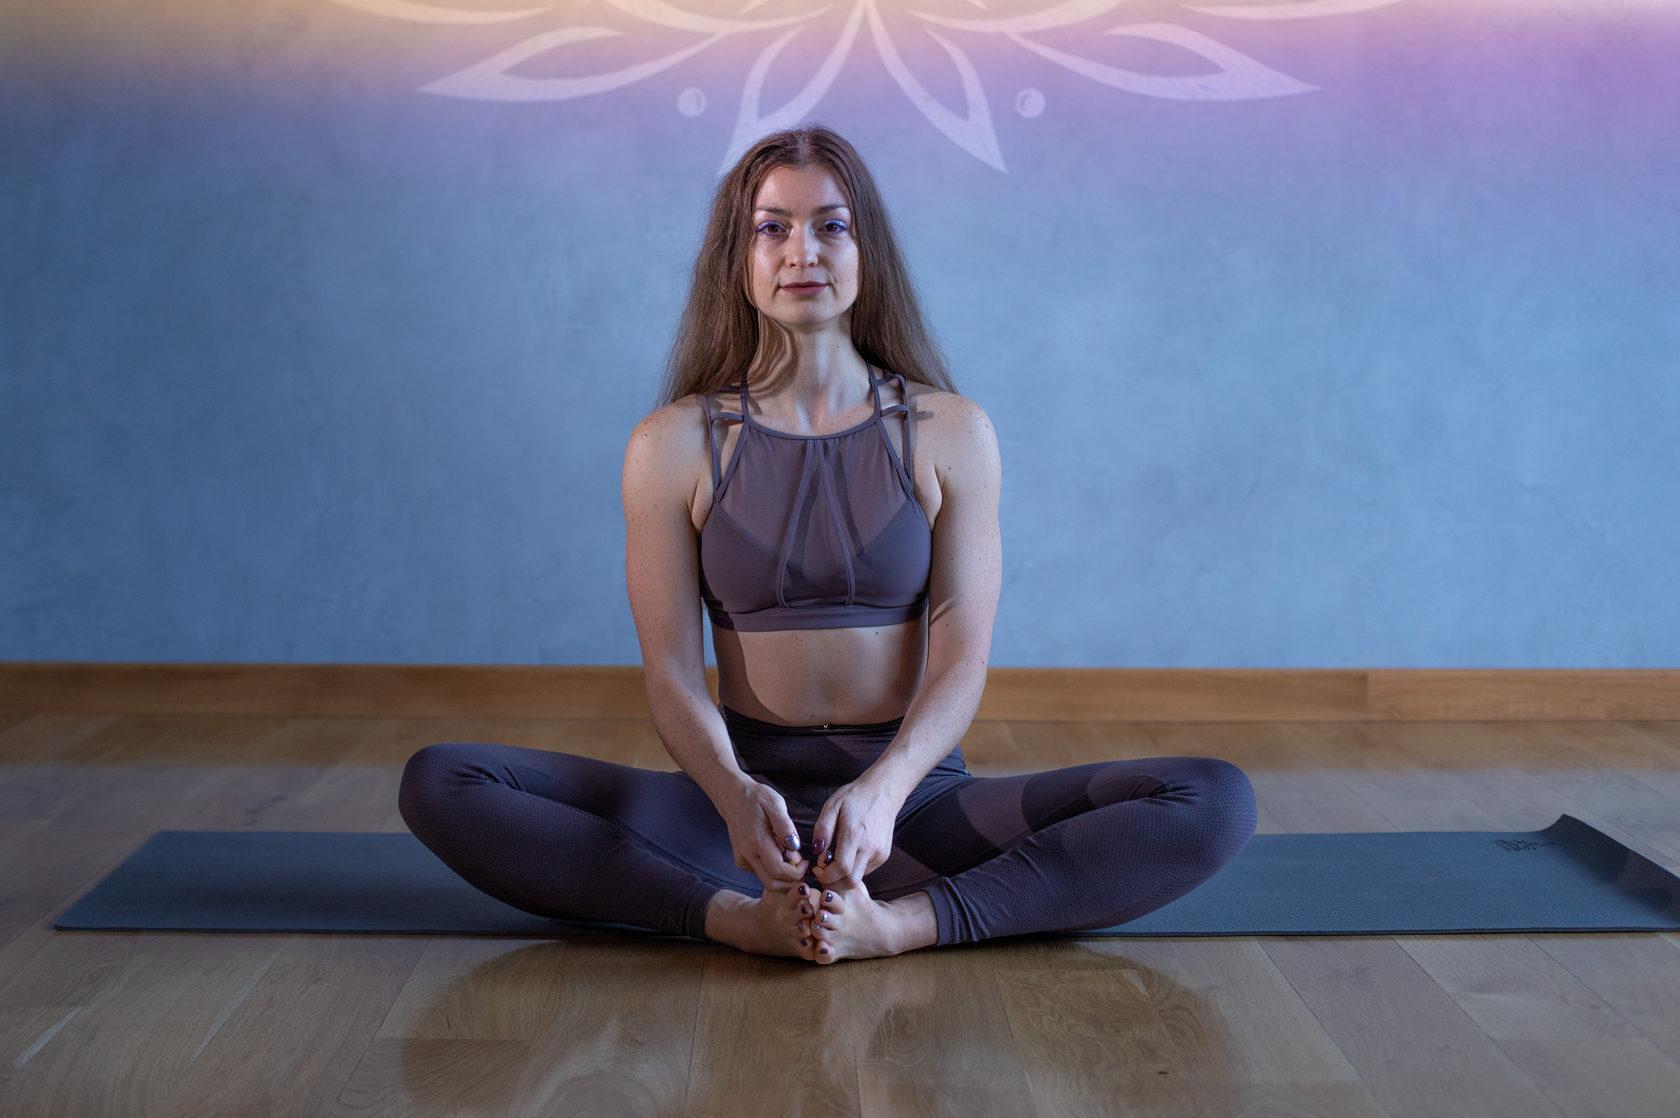 ленту бижутерии, как правильно фотографировать йогу виден фото